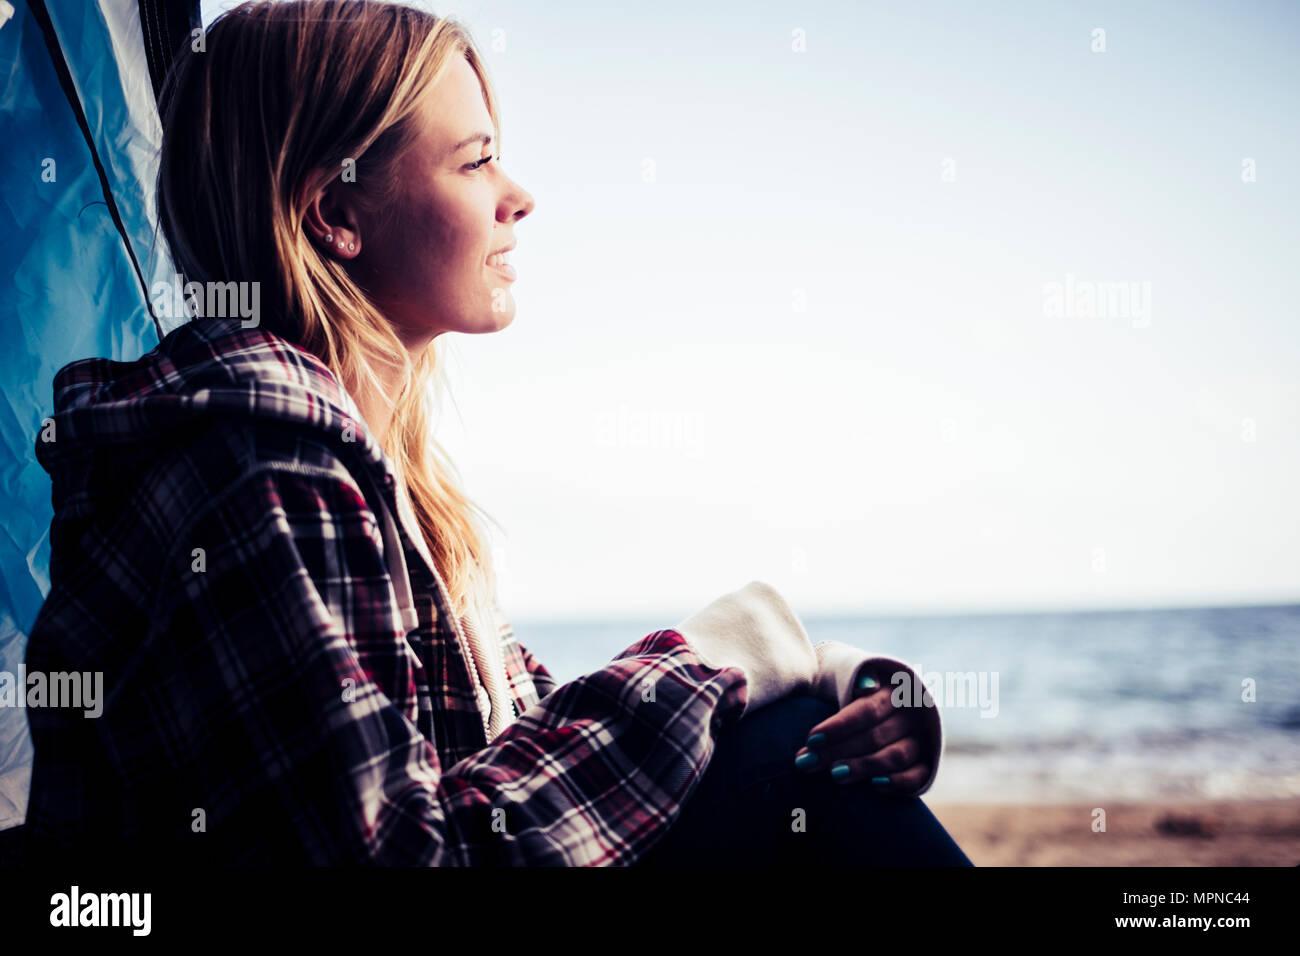 Wanderlust für junge hübsche blonde Frau kaukasischen am Meer, Lächeln, sitzen Sie ihr Zelt am Strand platziert. Ozean und Meer im Hintergrund Stockbild